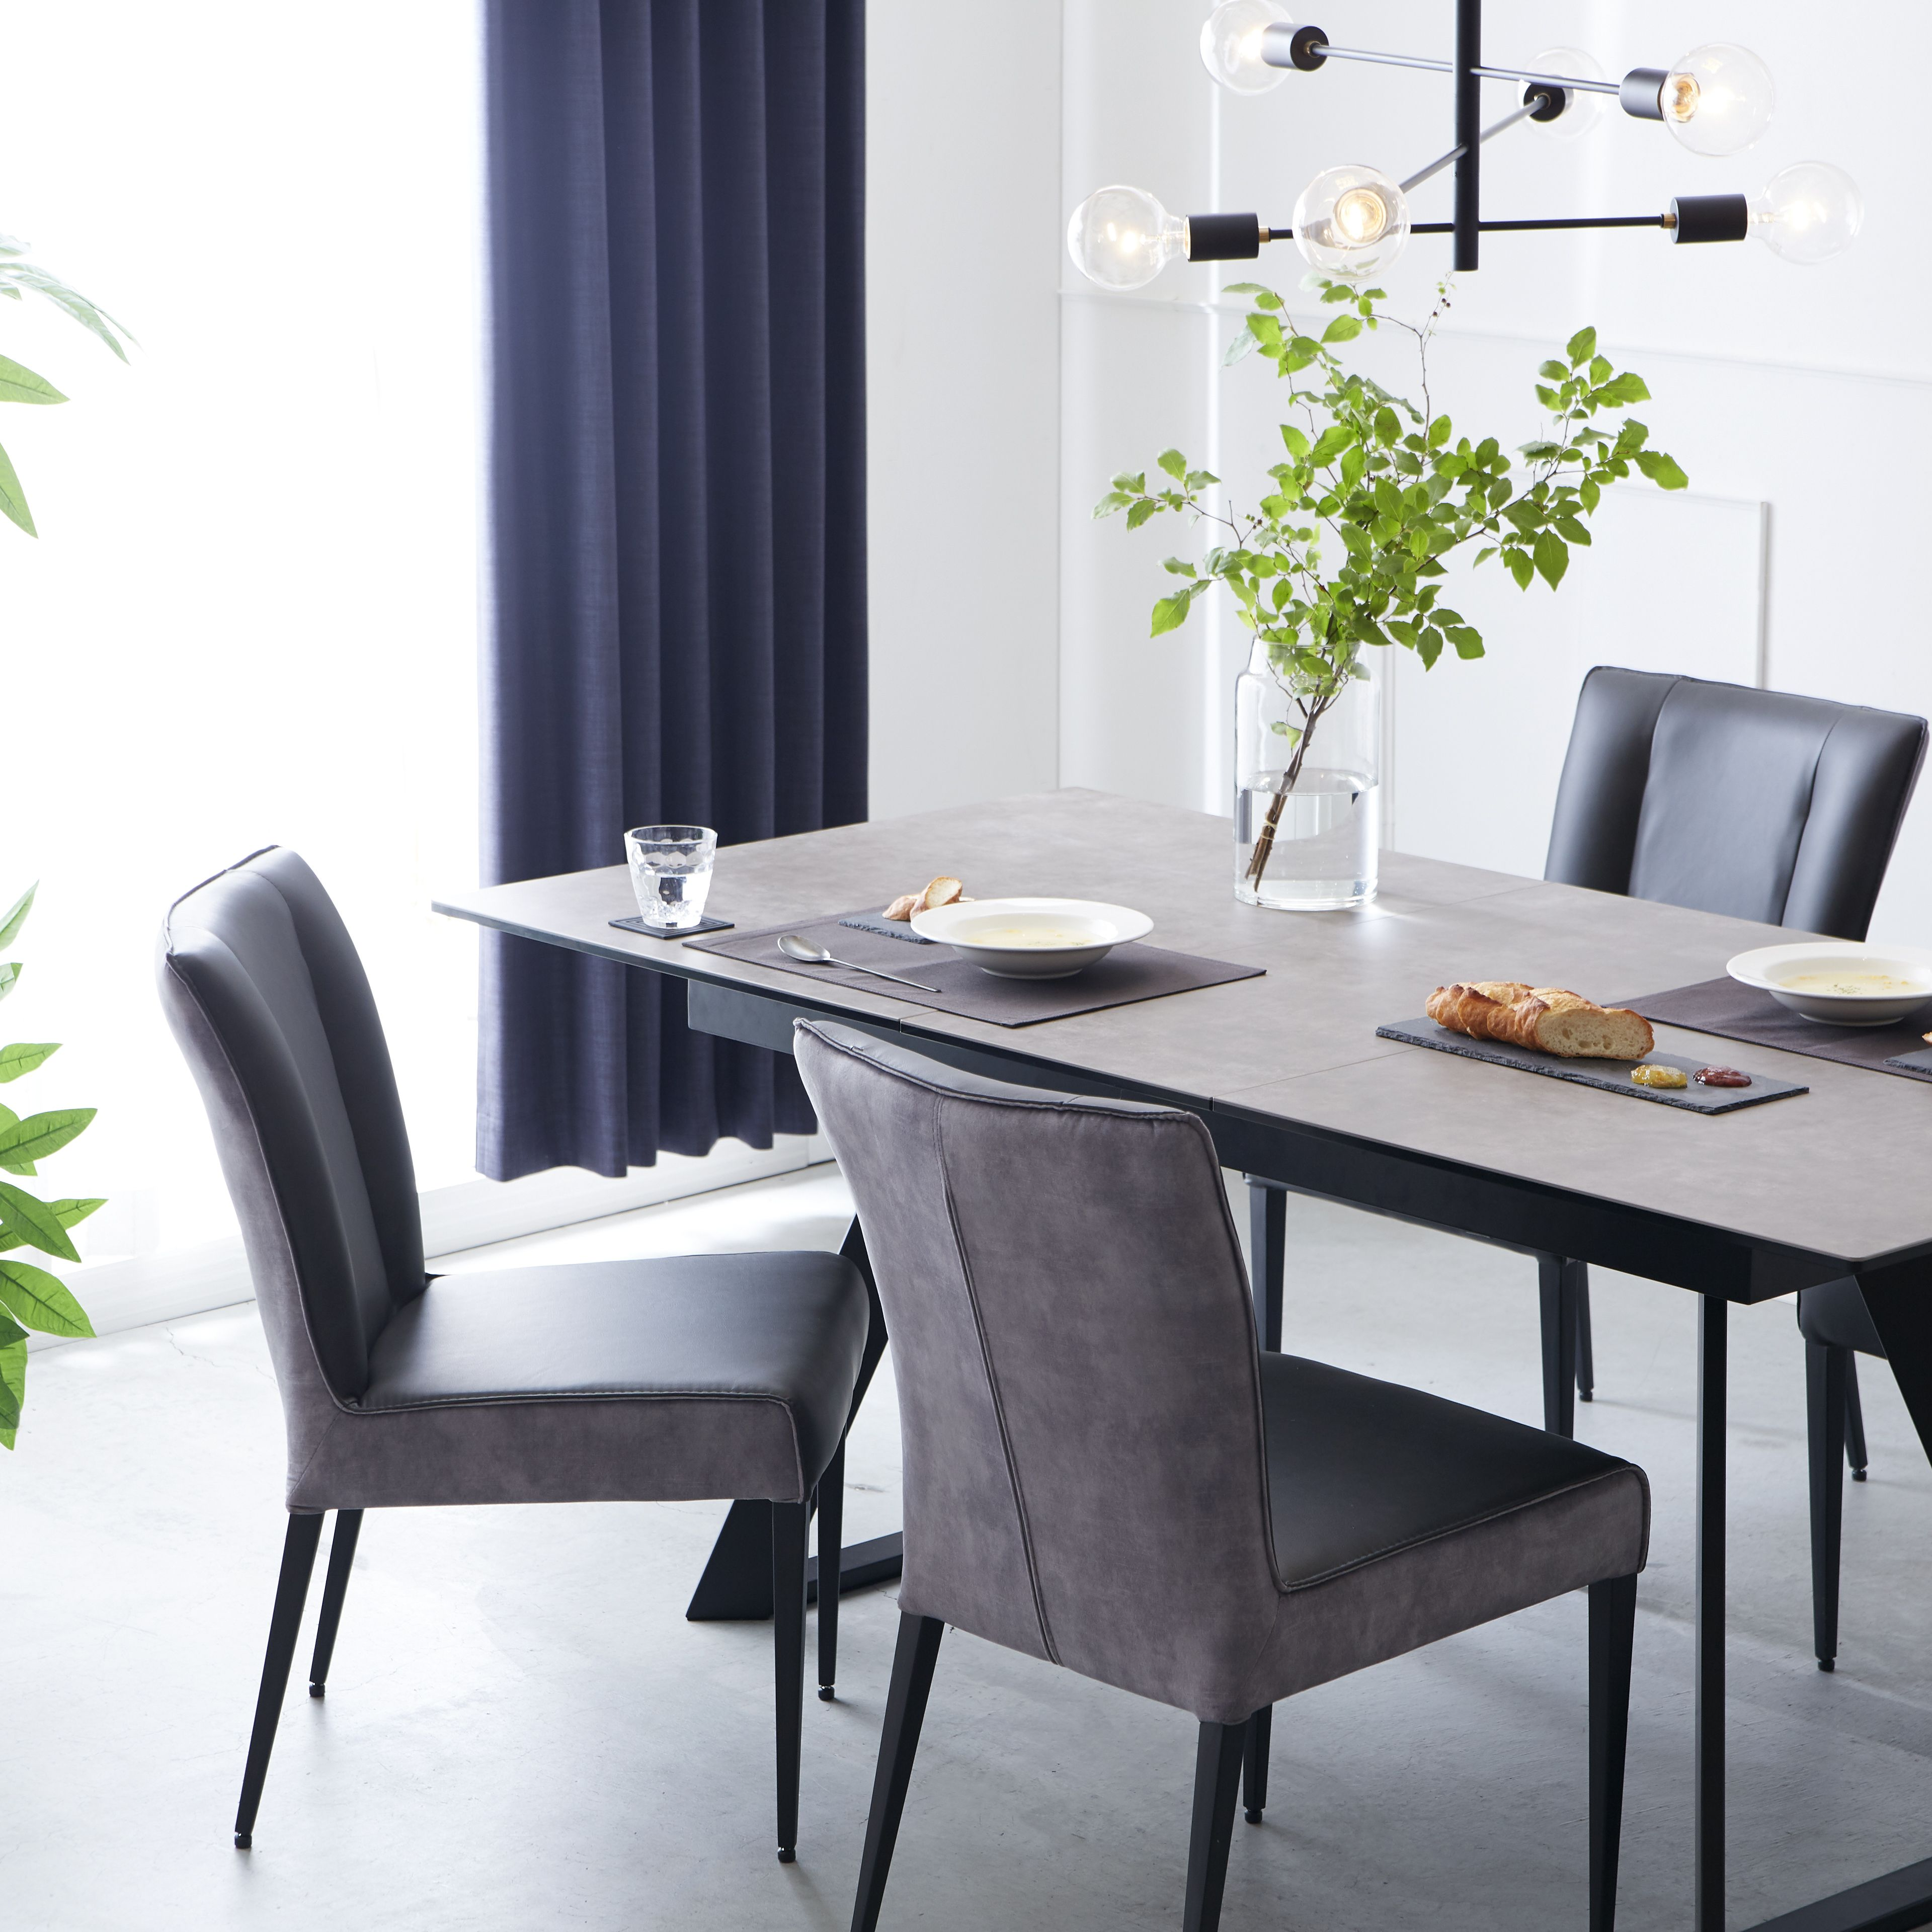 シュタインダイニングテーブル インテリア 家具 伸長式ダイニングテーブル インテリア